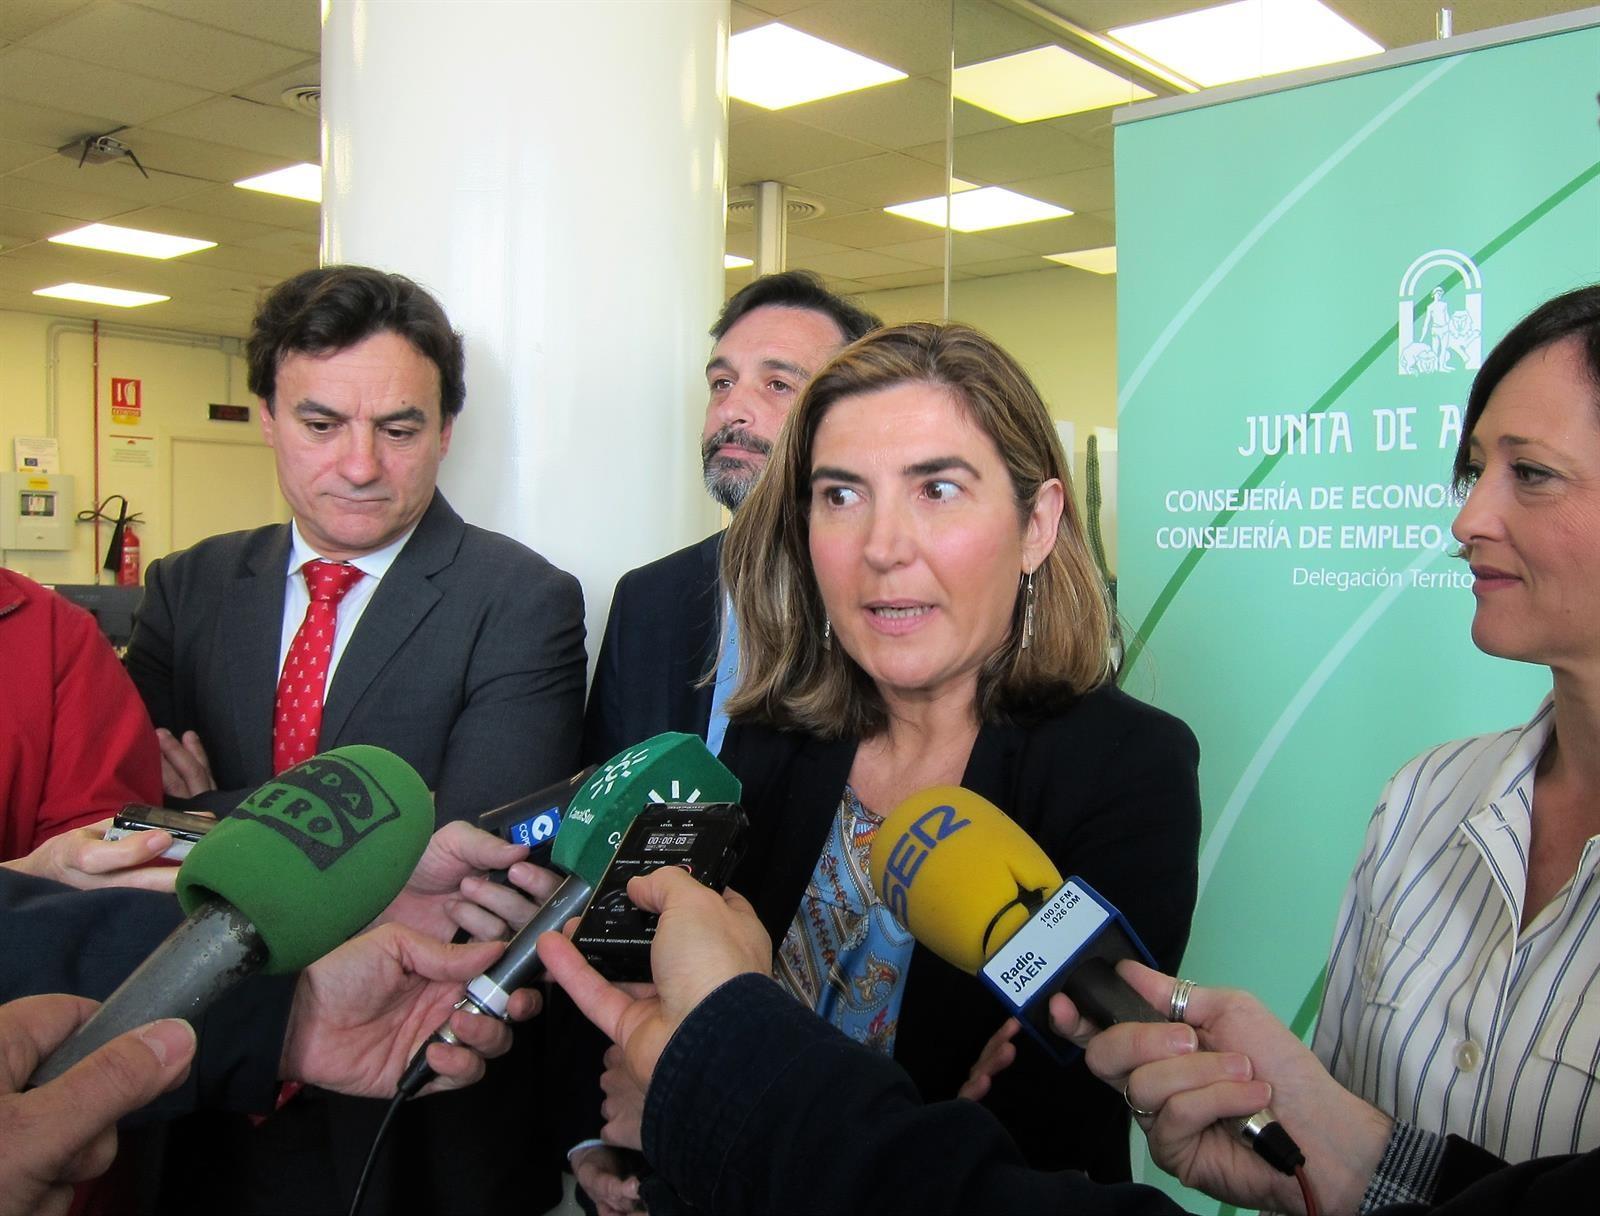 La Junta evaluará la eficacia de las políticas activas, que suponen una inversión de 50 millones en Granada